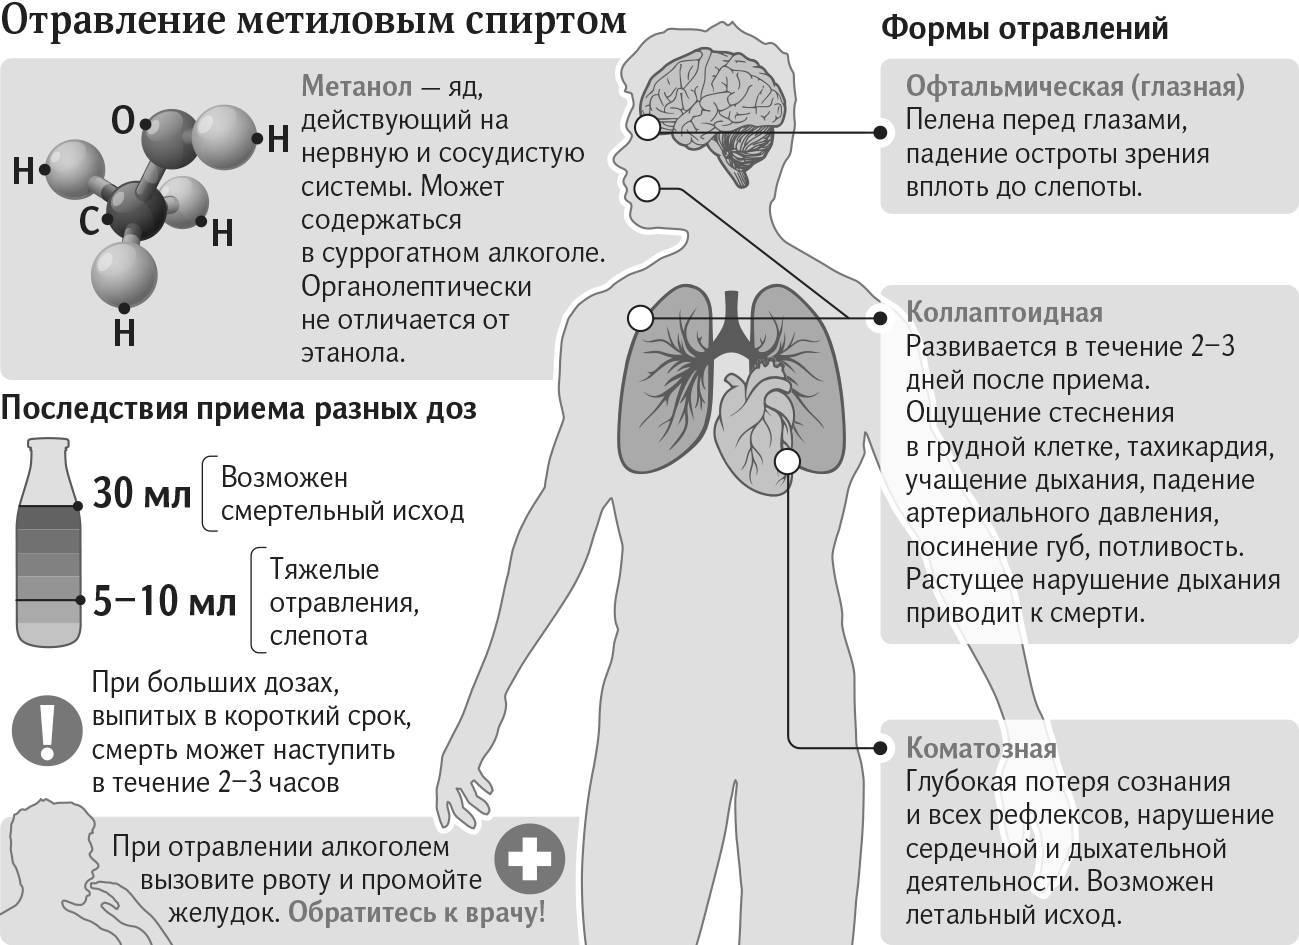 Метанол: что это, отравление — симптомы, первая помощь, лечение, последствия, профилактика